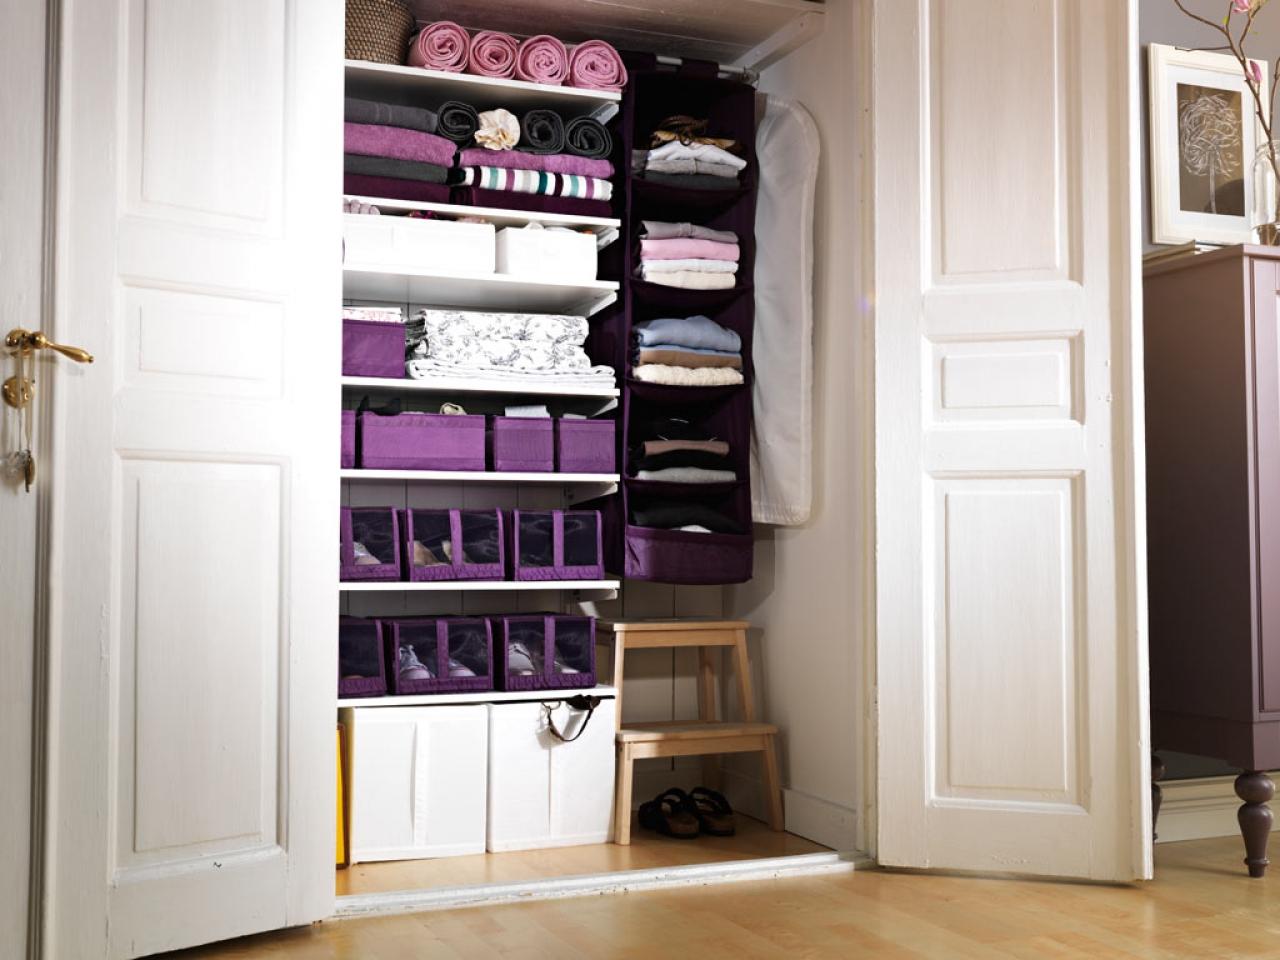 http://www.nanobuffet.com/size/1280x960/server22-cdn/2016/04/29/wardrobe-storage-ideas-from-hats-to-heels-sbf-wood-storage-ideas-fd512a0d3cdb5630.jpg